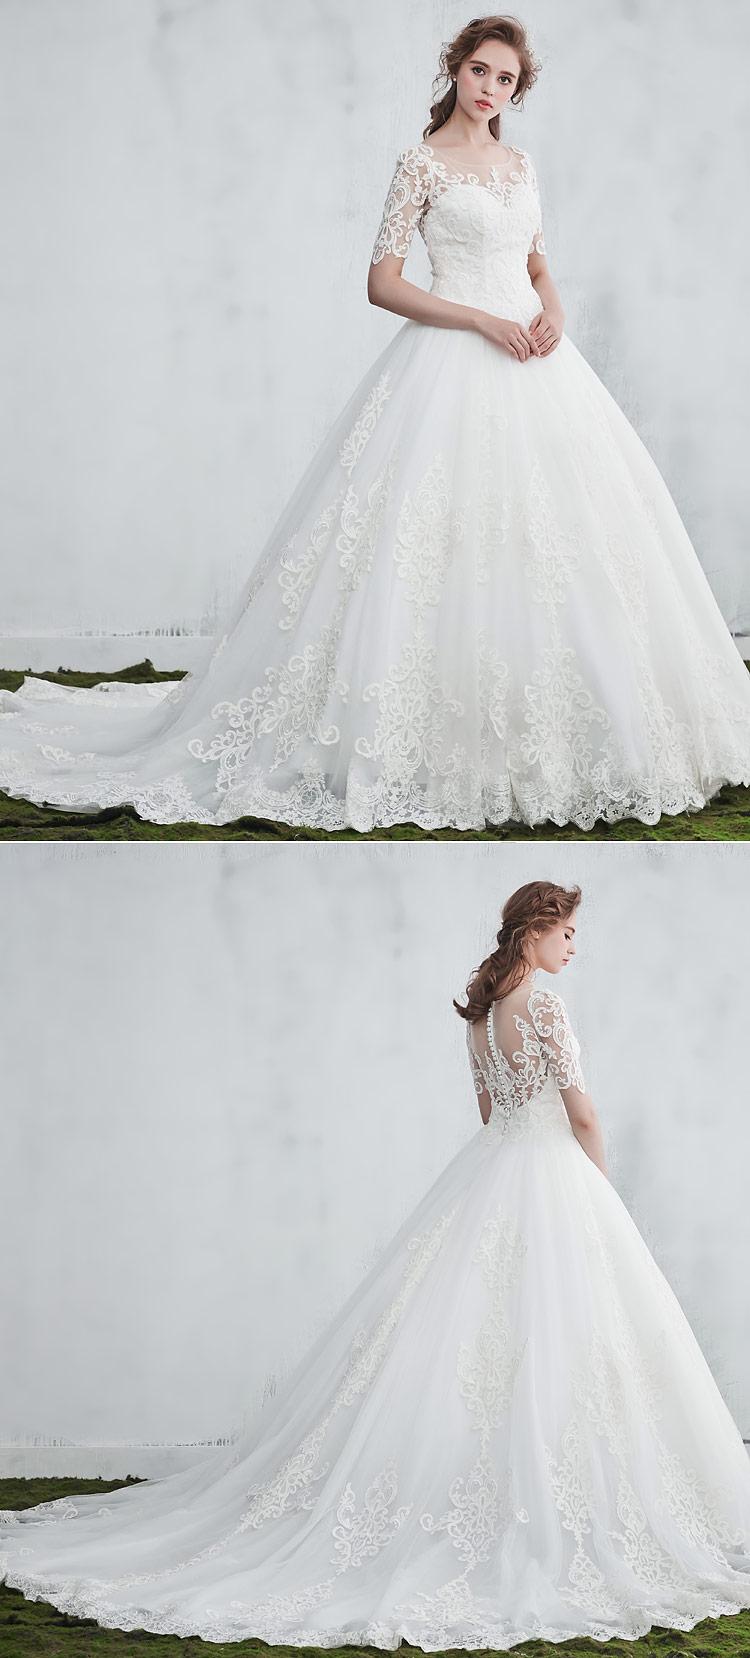 robe de mariée longue princesse appliquée de dentelle guipure style baroque